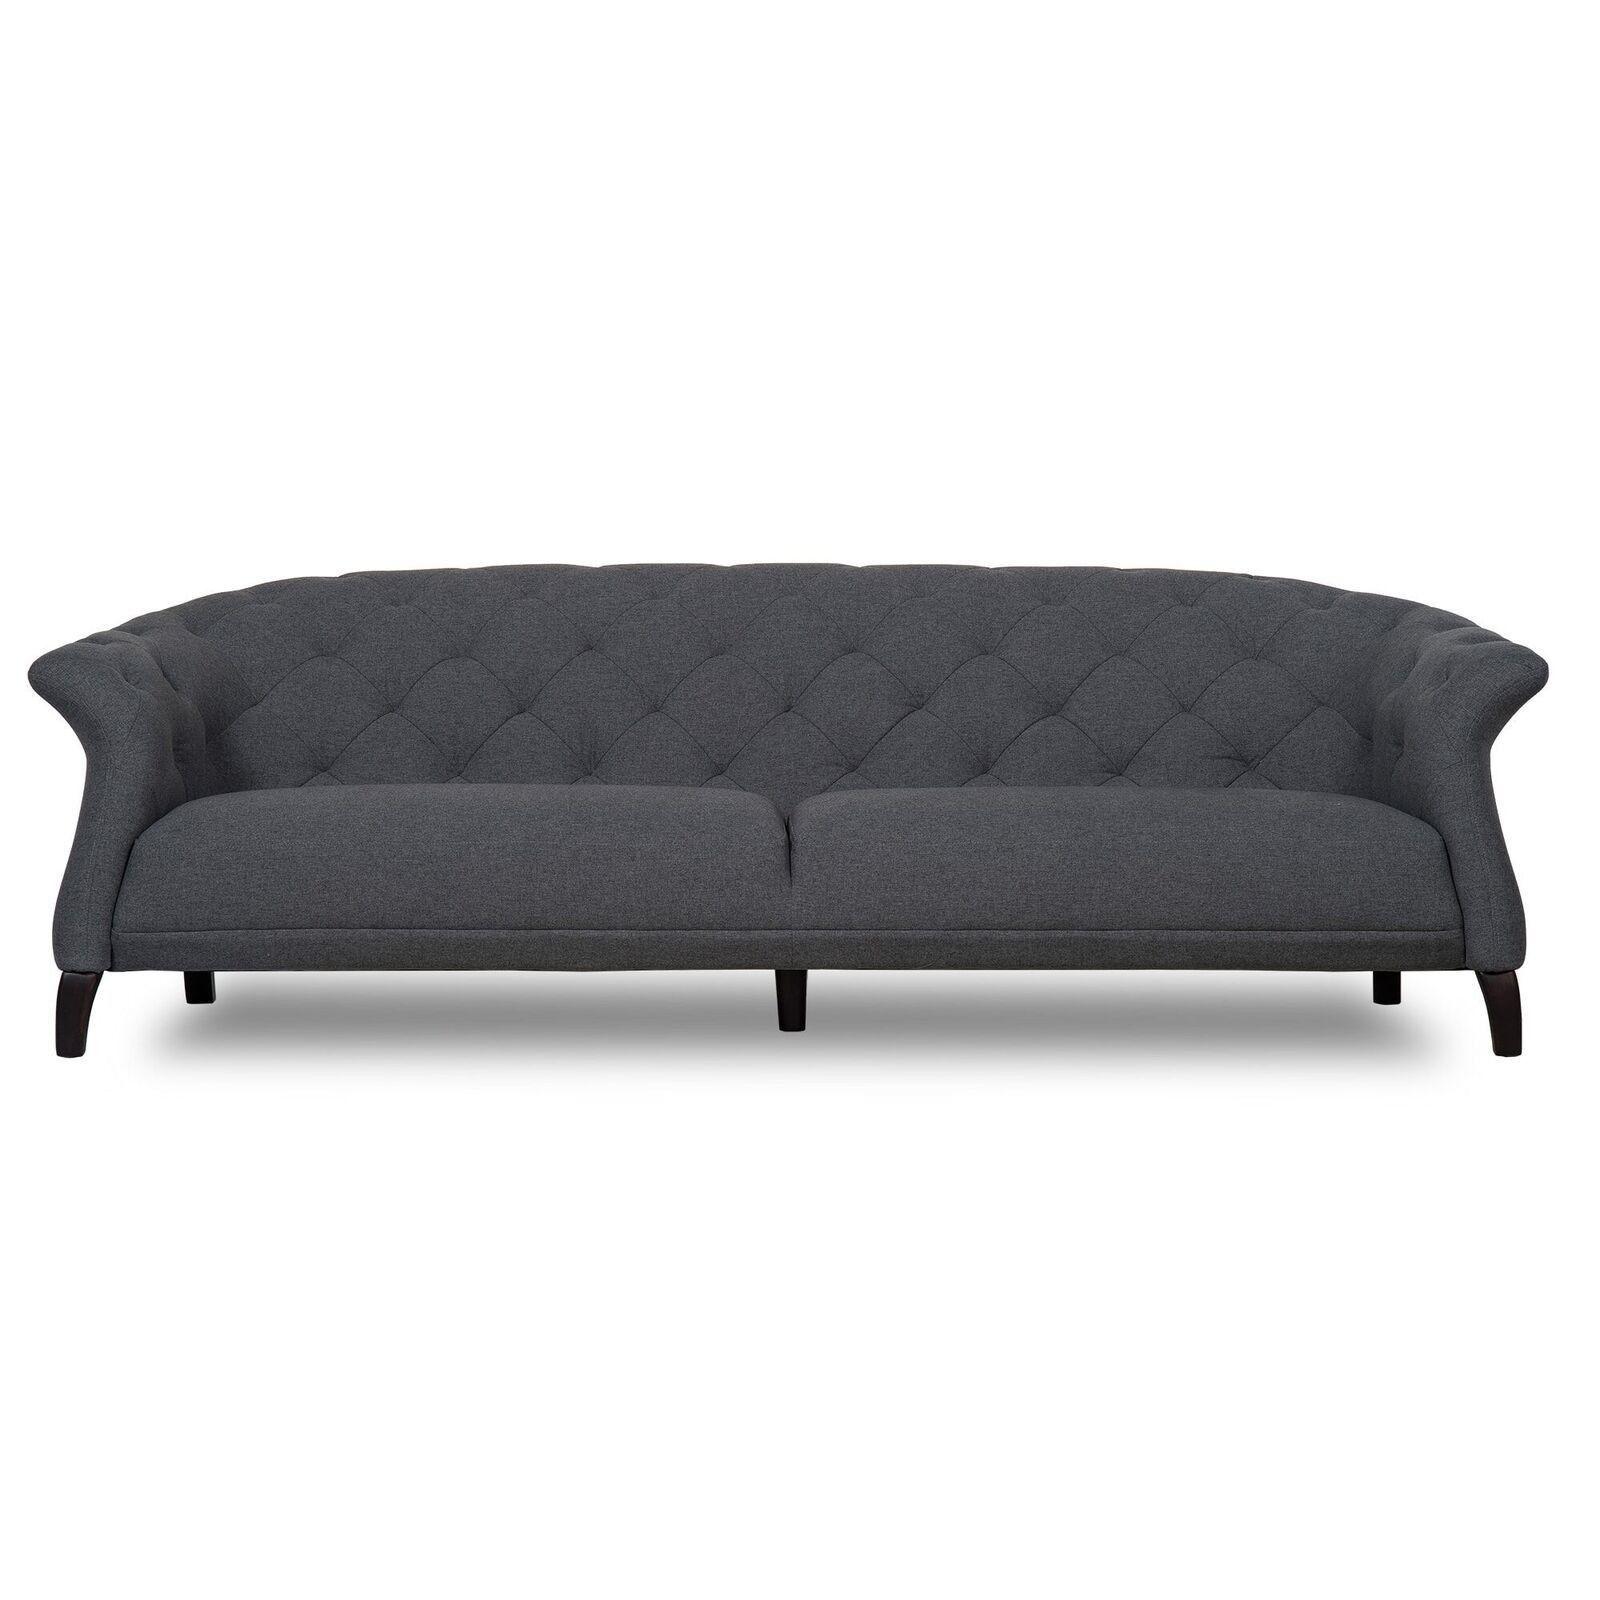 Full Size of Kleines Sofa Zum Ausziehen Kautsch Mit Schlaffunktion Beste Couch Big Luxus Barock Grau Stoff Kunstleder Weiß überzug Zweisitzer Stressless L Form Kaufen Sofa Kleines Sofa